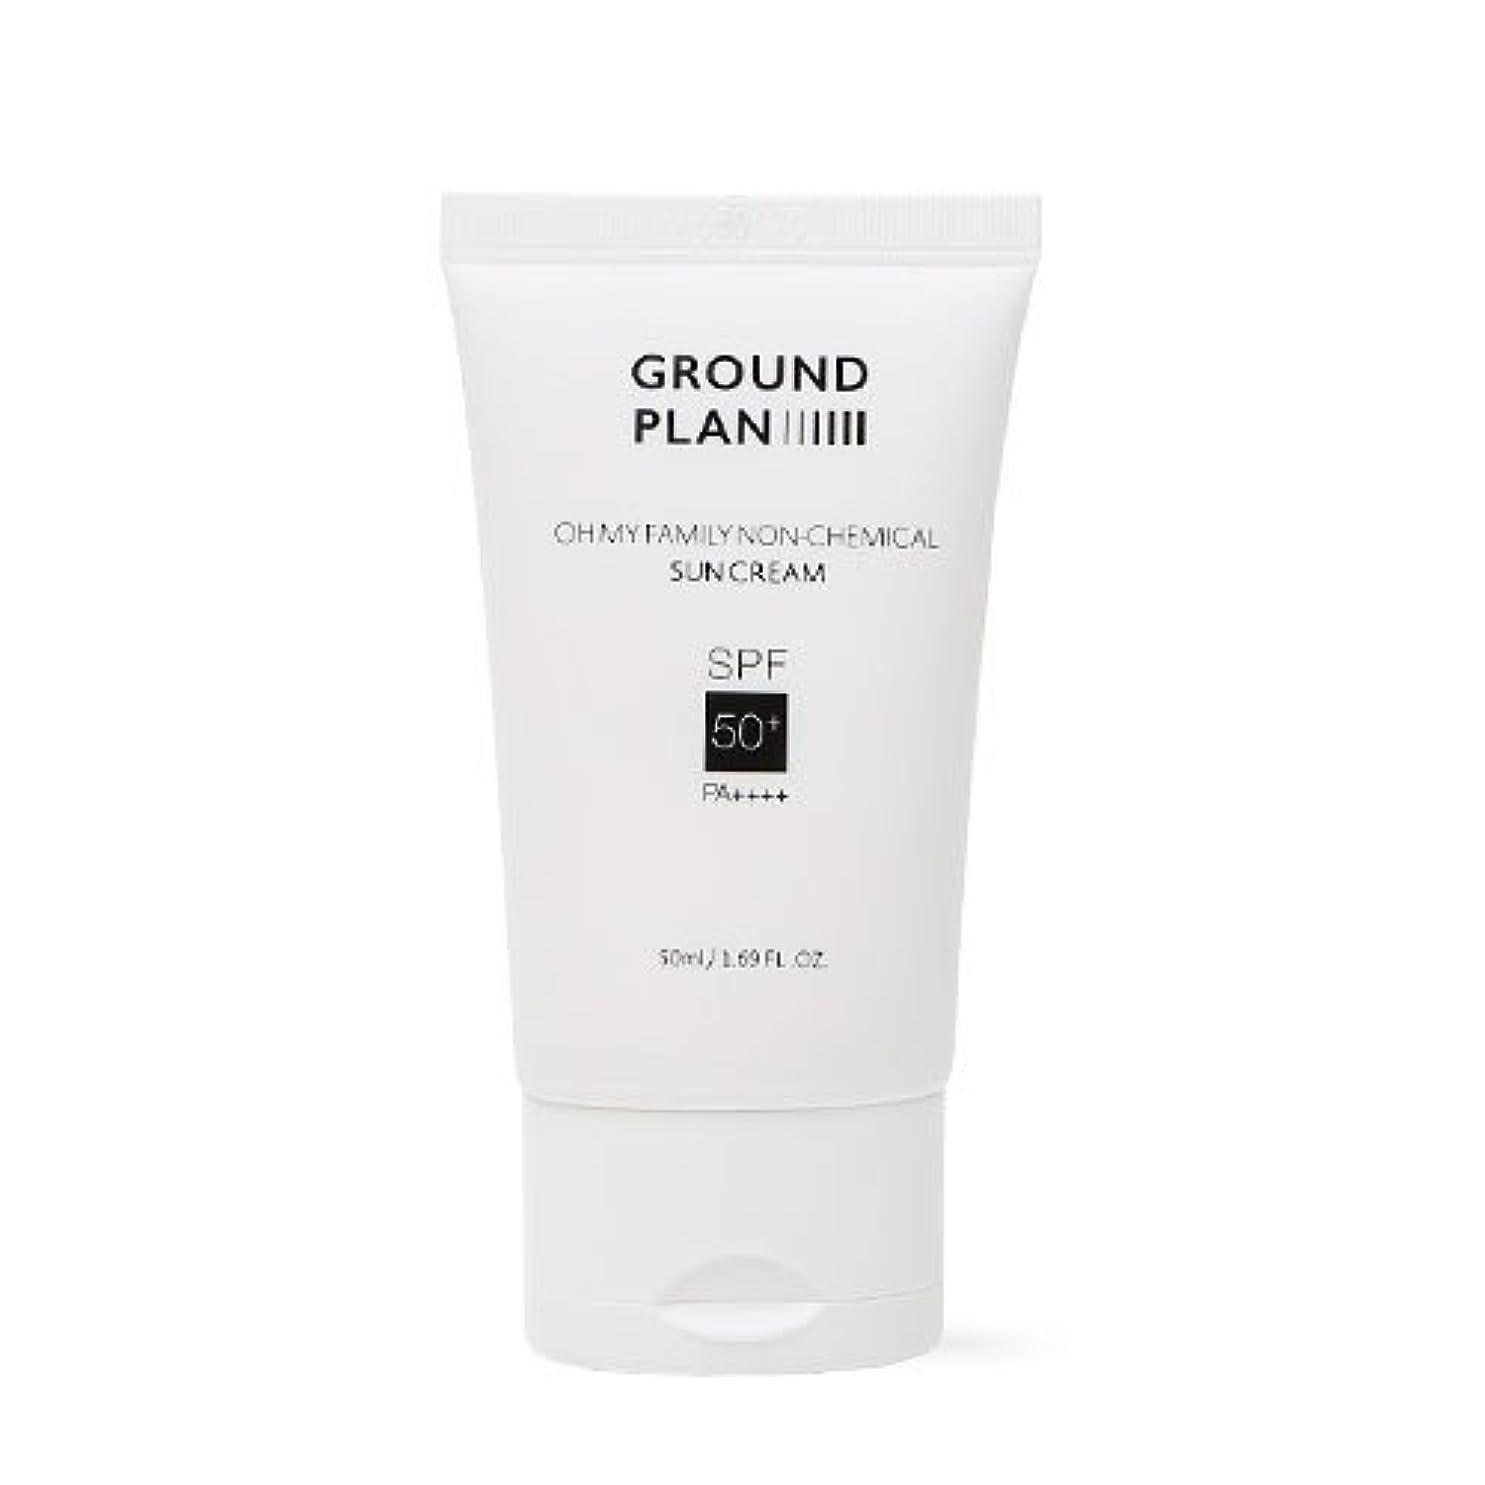 丁寧誠意かなりの[GROUND PLAN] Oh My Family Non-Chemical Sun Cream 50ml グラウンドプランファミリーノンケミカルサンクリーム [並行輸入品]